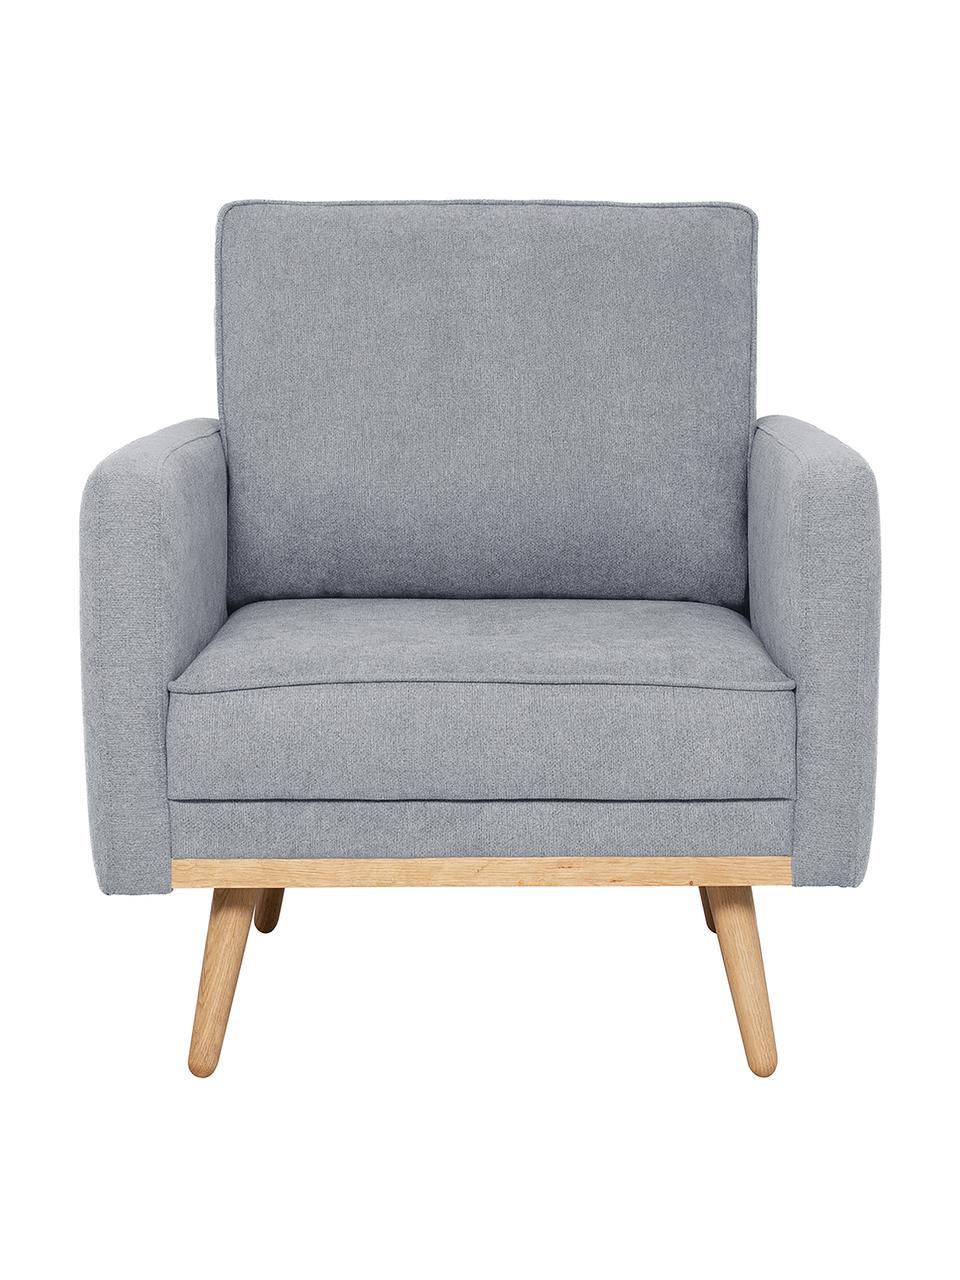 Fotel z aksamitu z nogami z drewna dębowego Saint, Tapicerka: poliester Dzięki tkaninie, Niebieskoszary, S 85 x G 76 cm